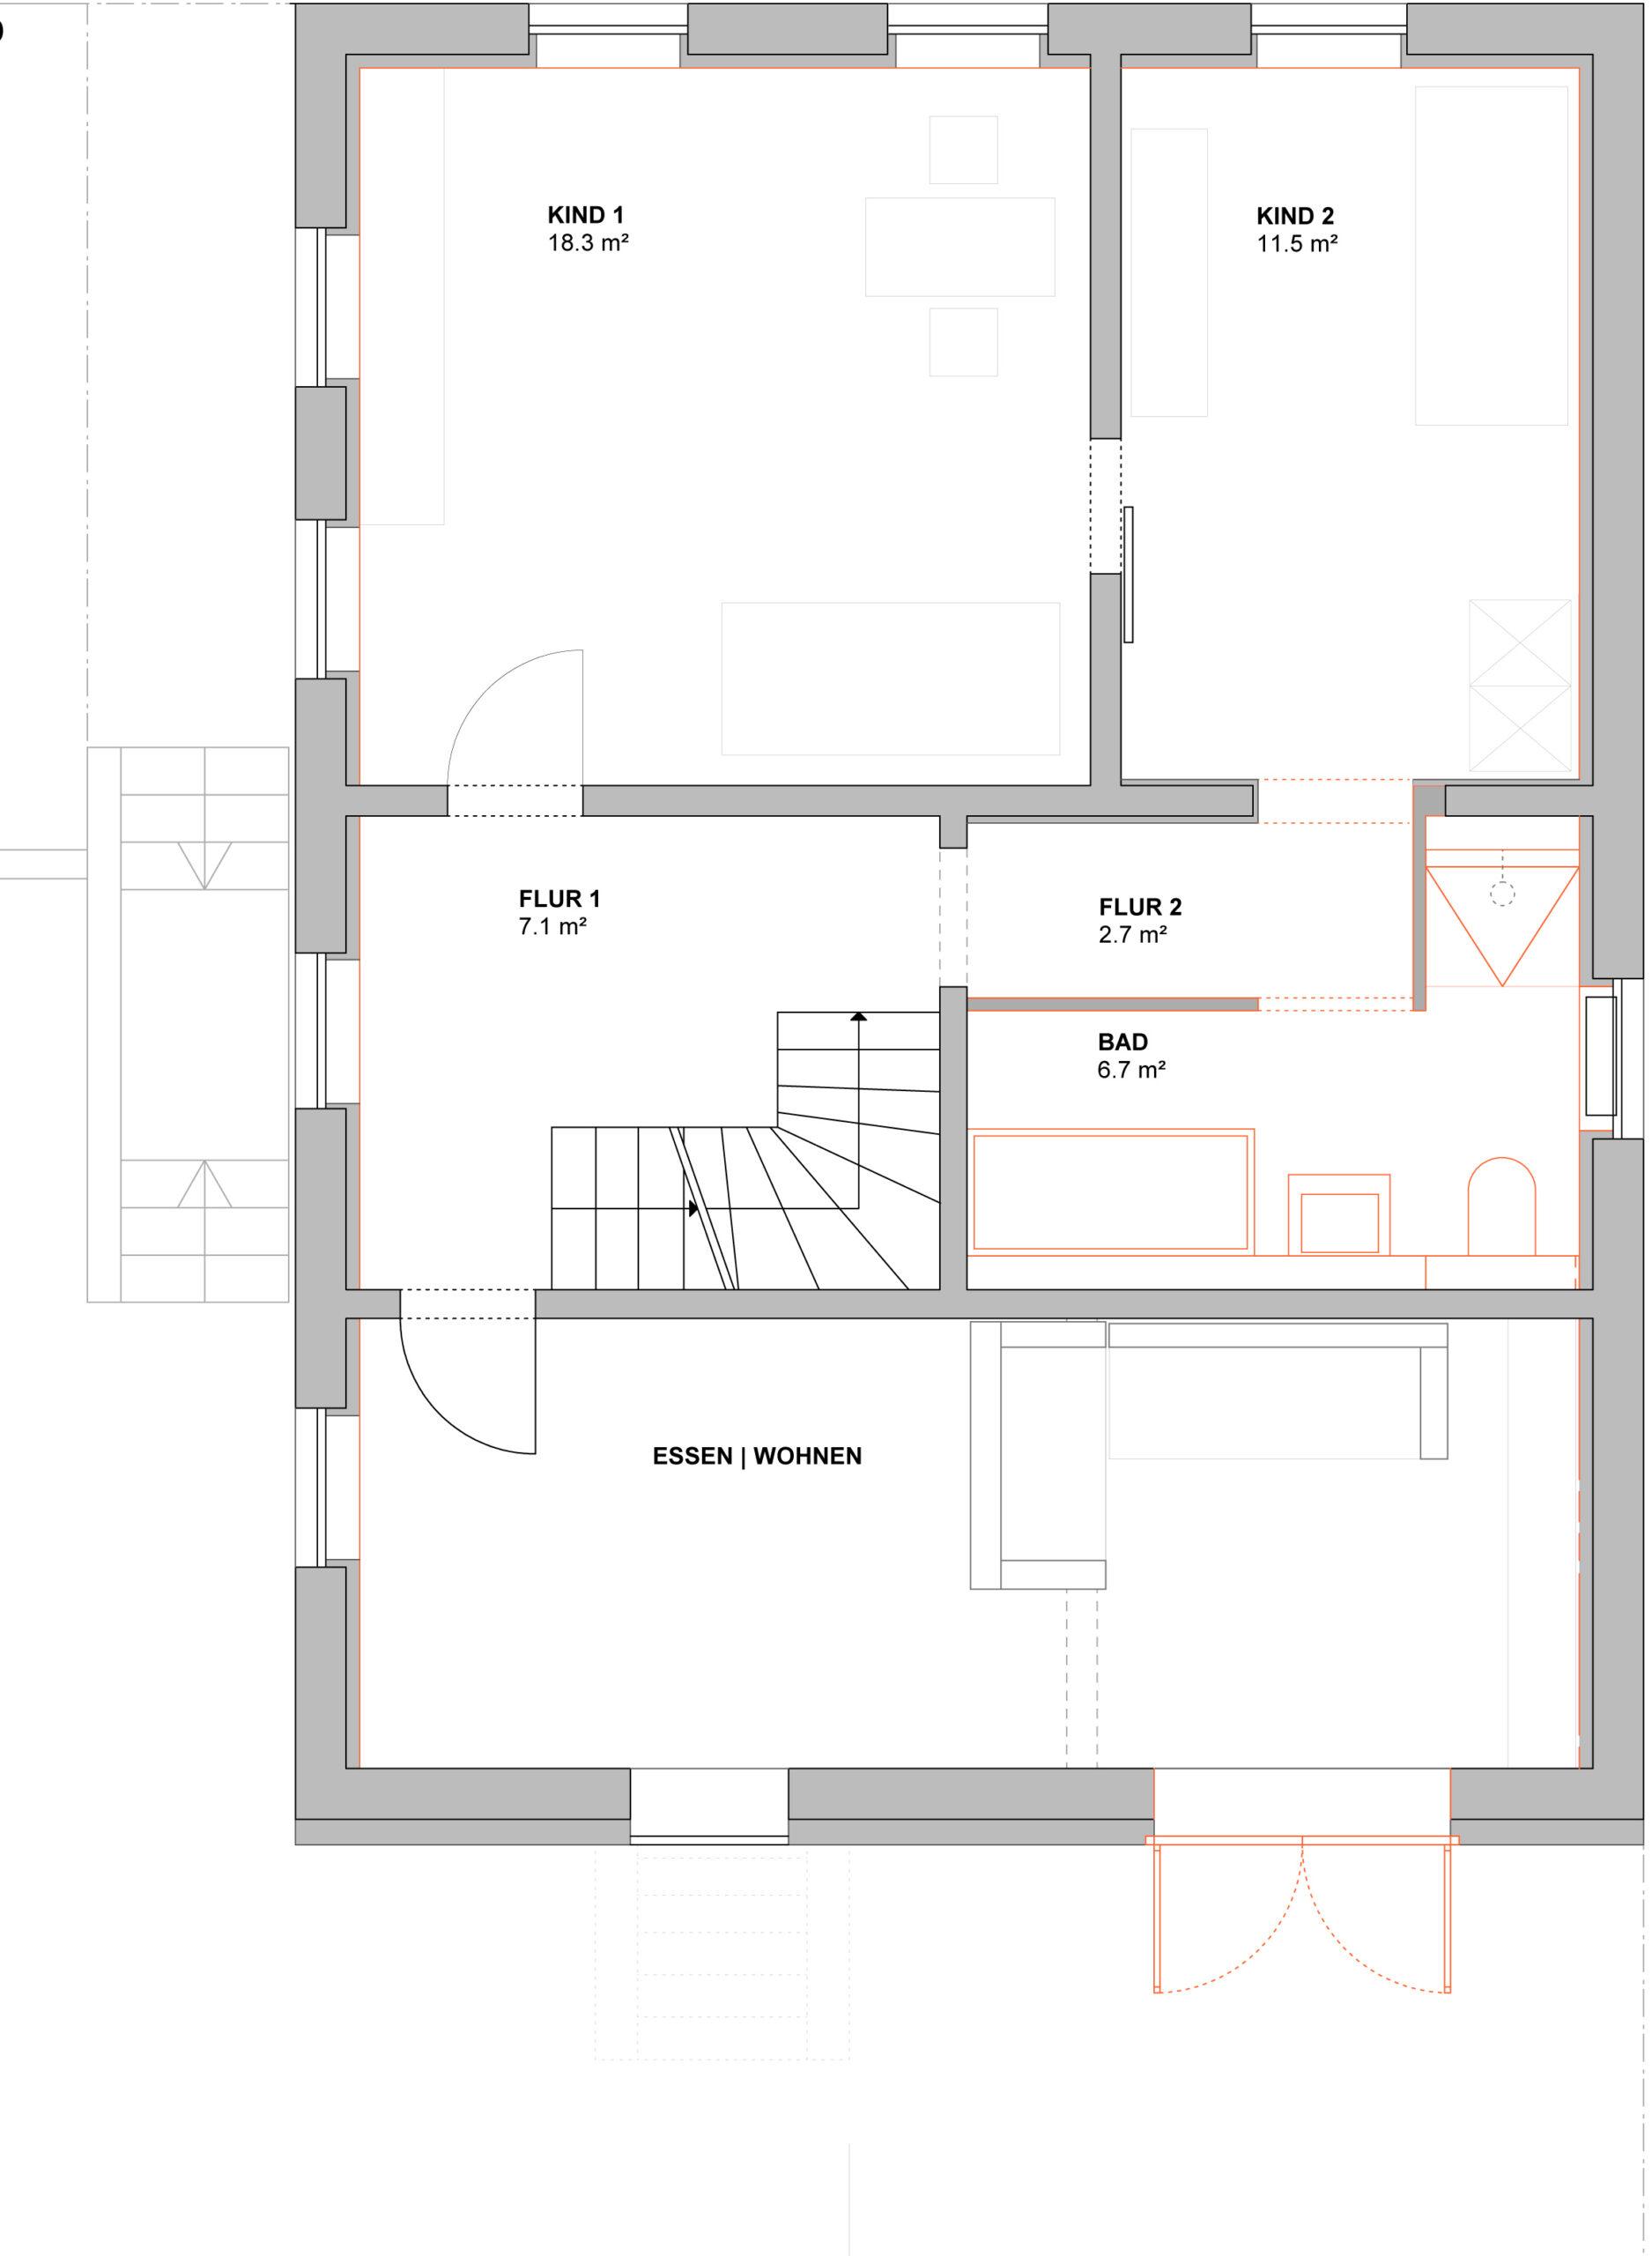 052_Wohnhaus Tovar mit Büro_Grundriss Obergeschoss_FFM-ARCHITEKTEN